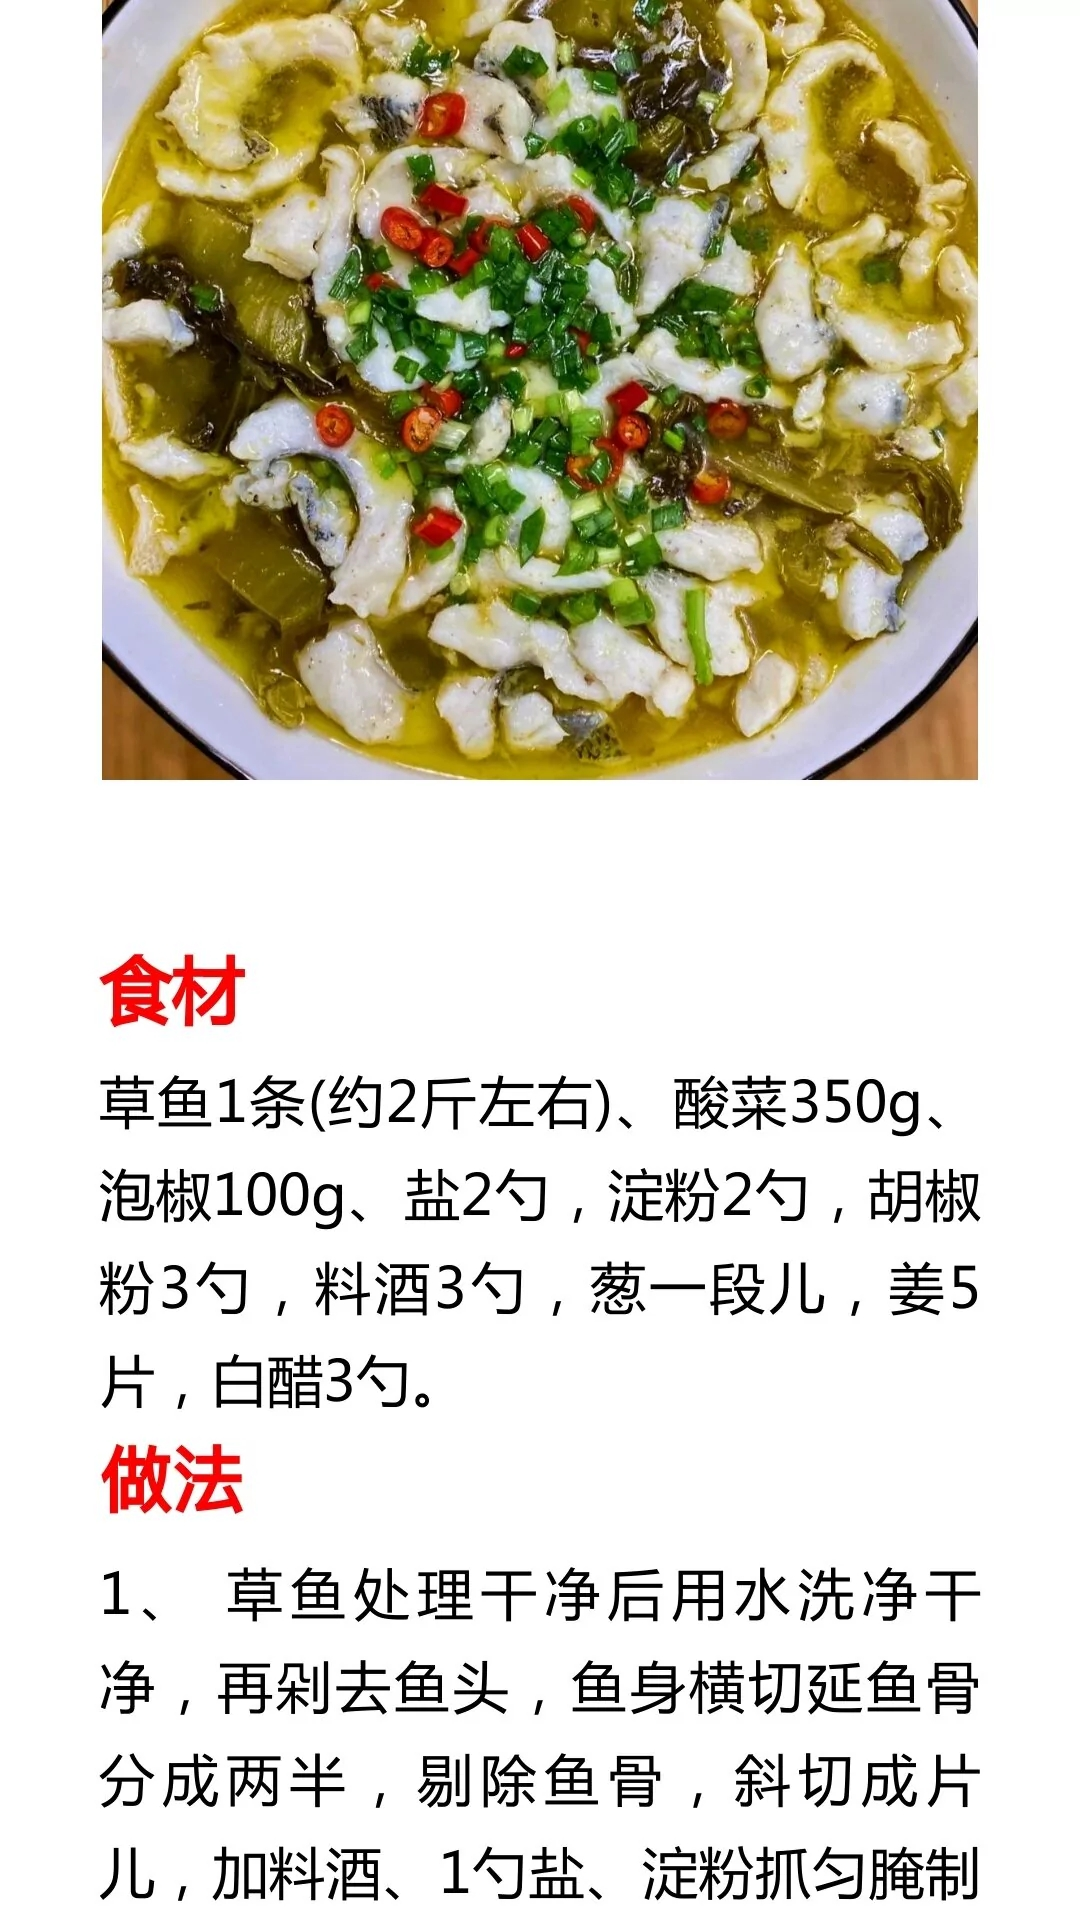 家常鱼肉菜单做法大全!鱼的做法教程 美食做法 第7张